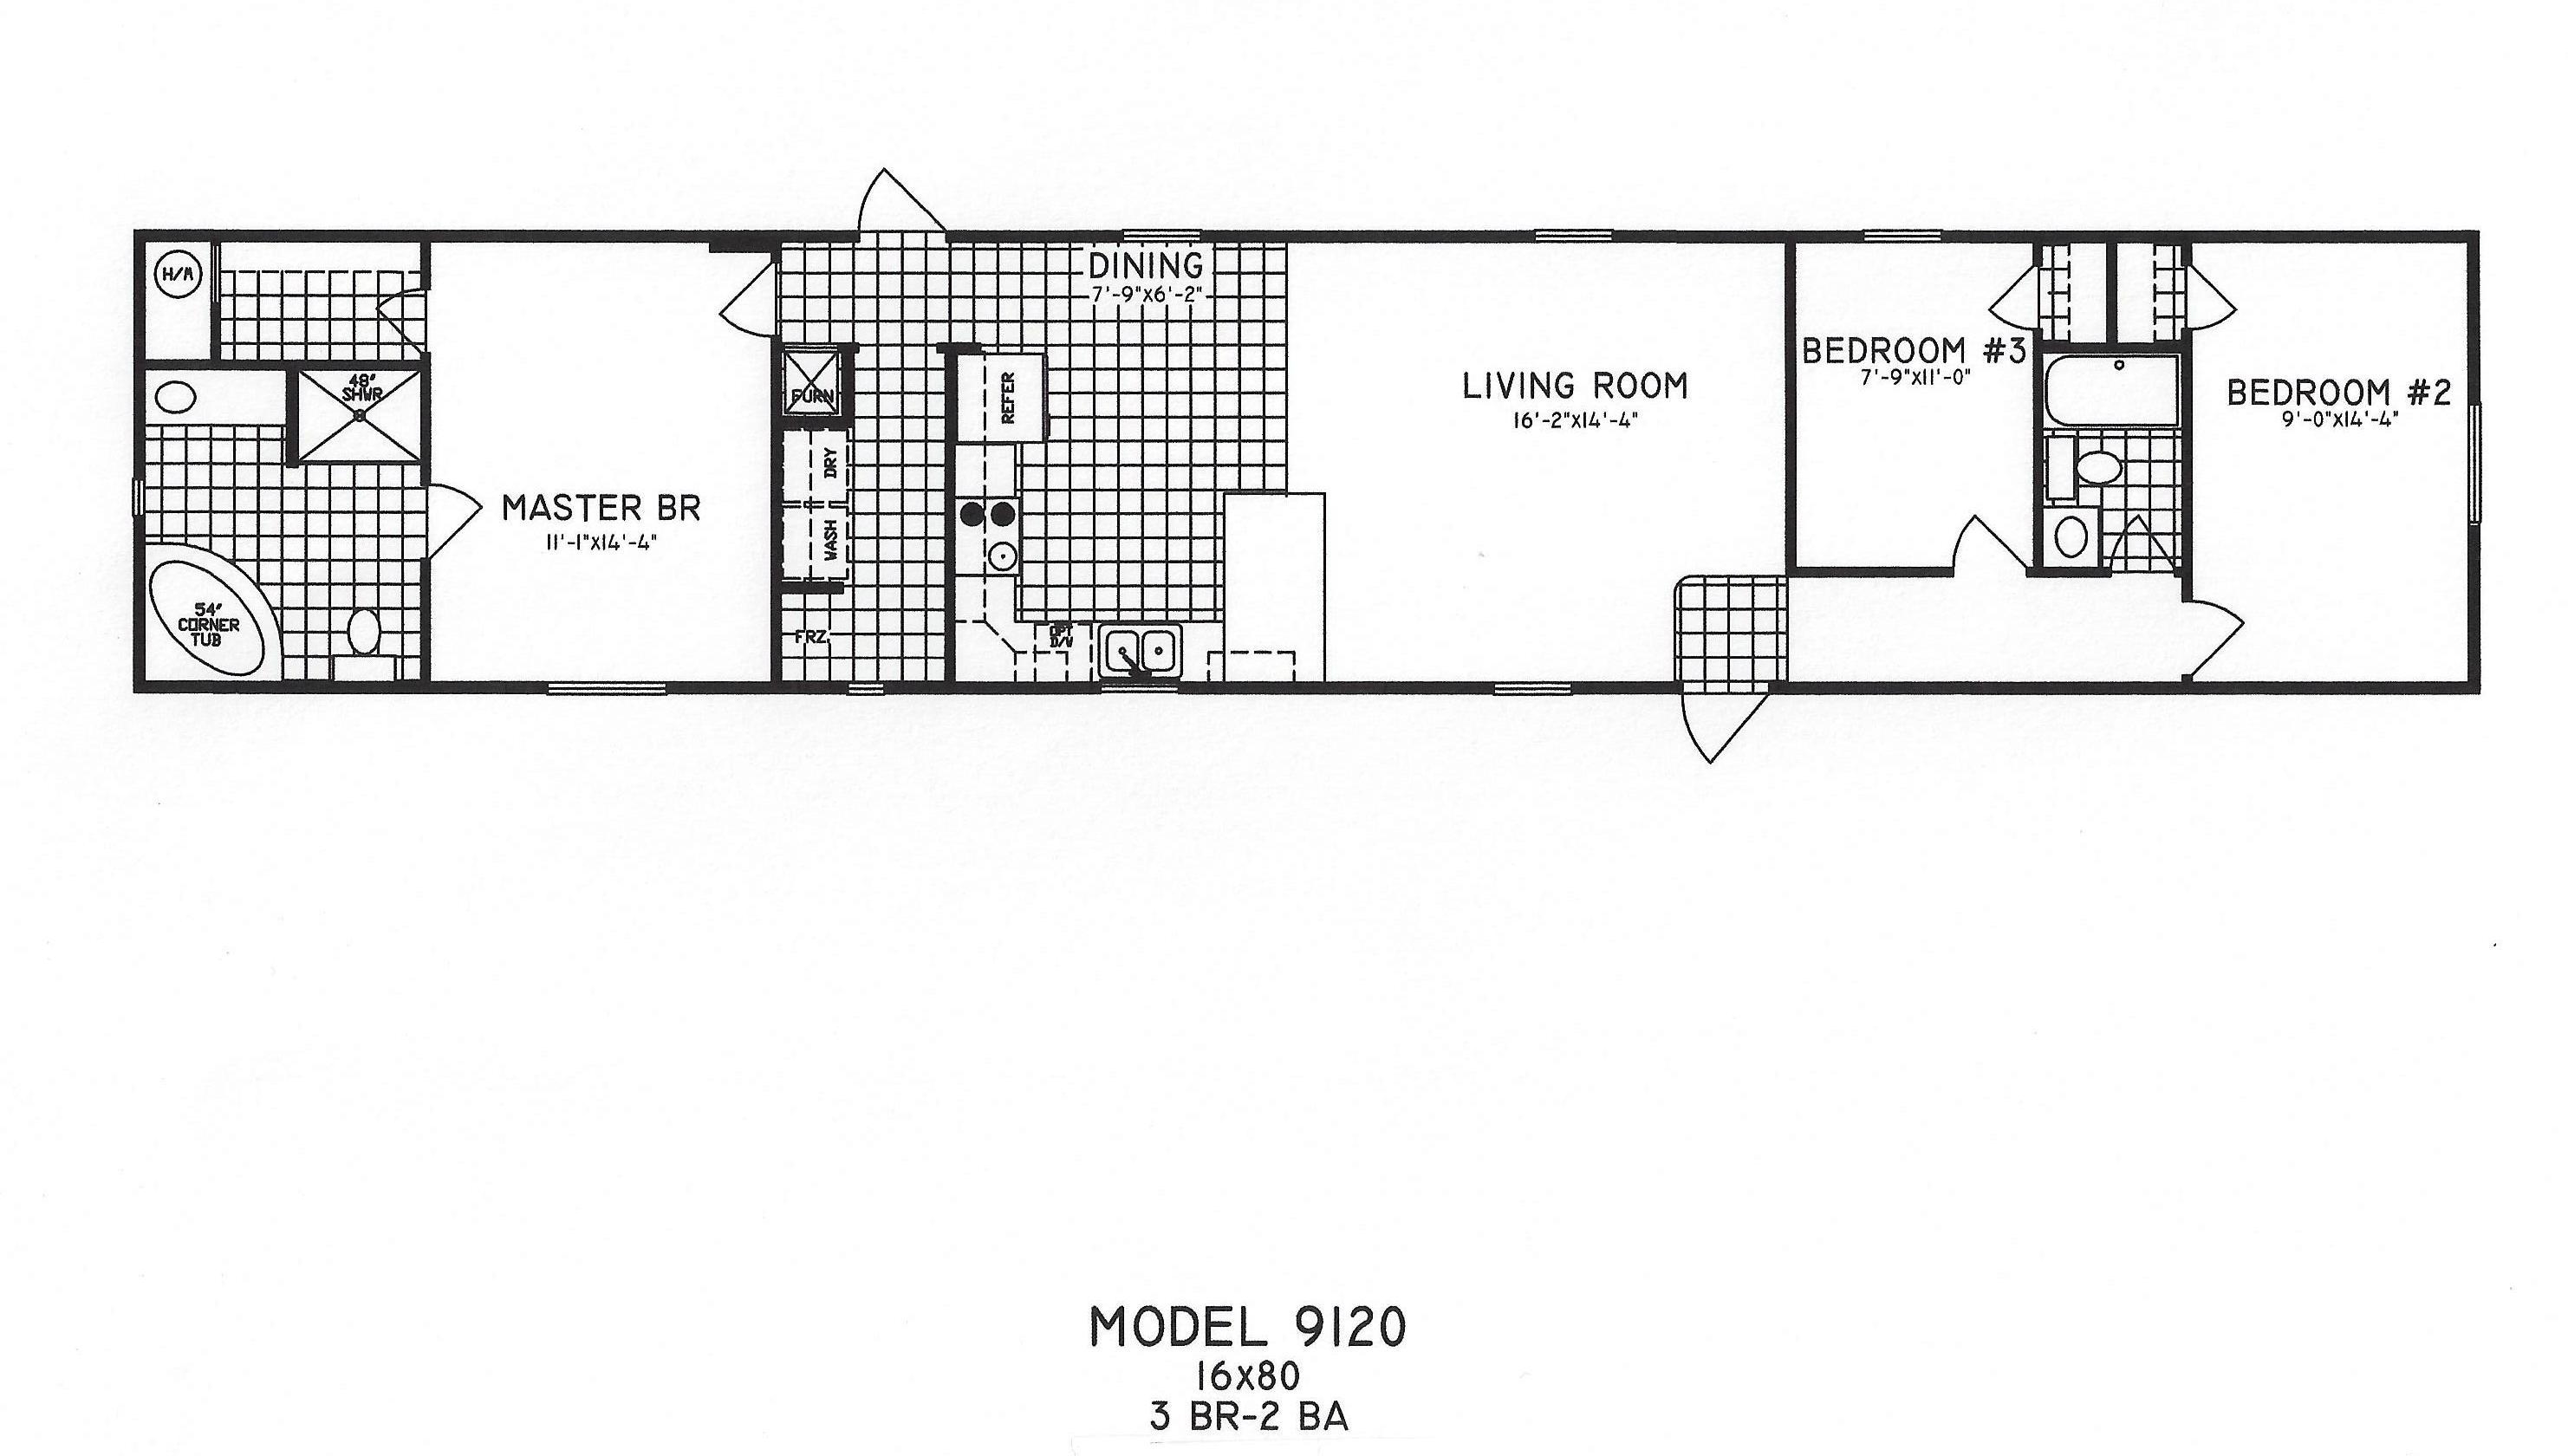 3 bedroom floor plan c 9120 hawks homes manufactured 3 bedroom modular home floor plans